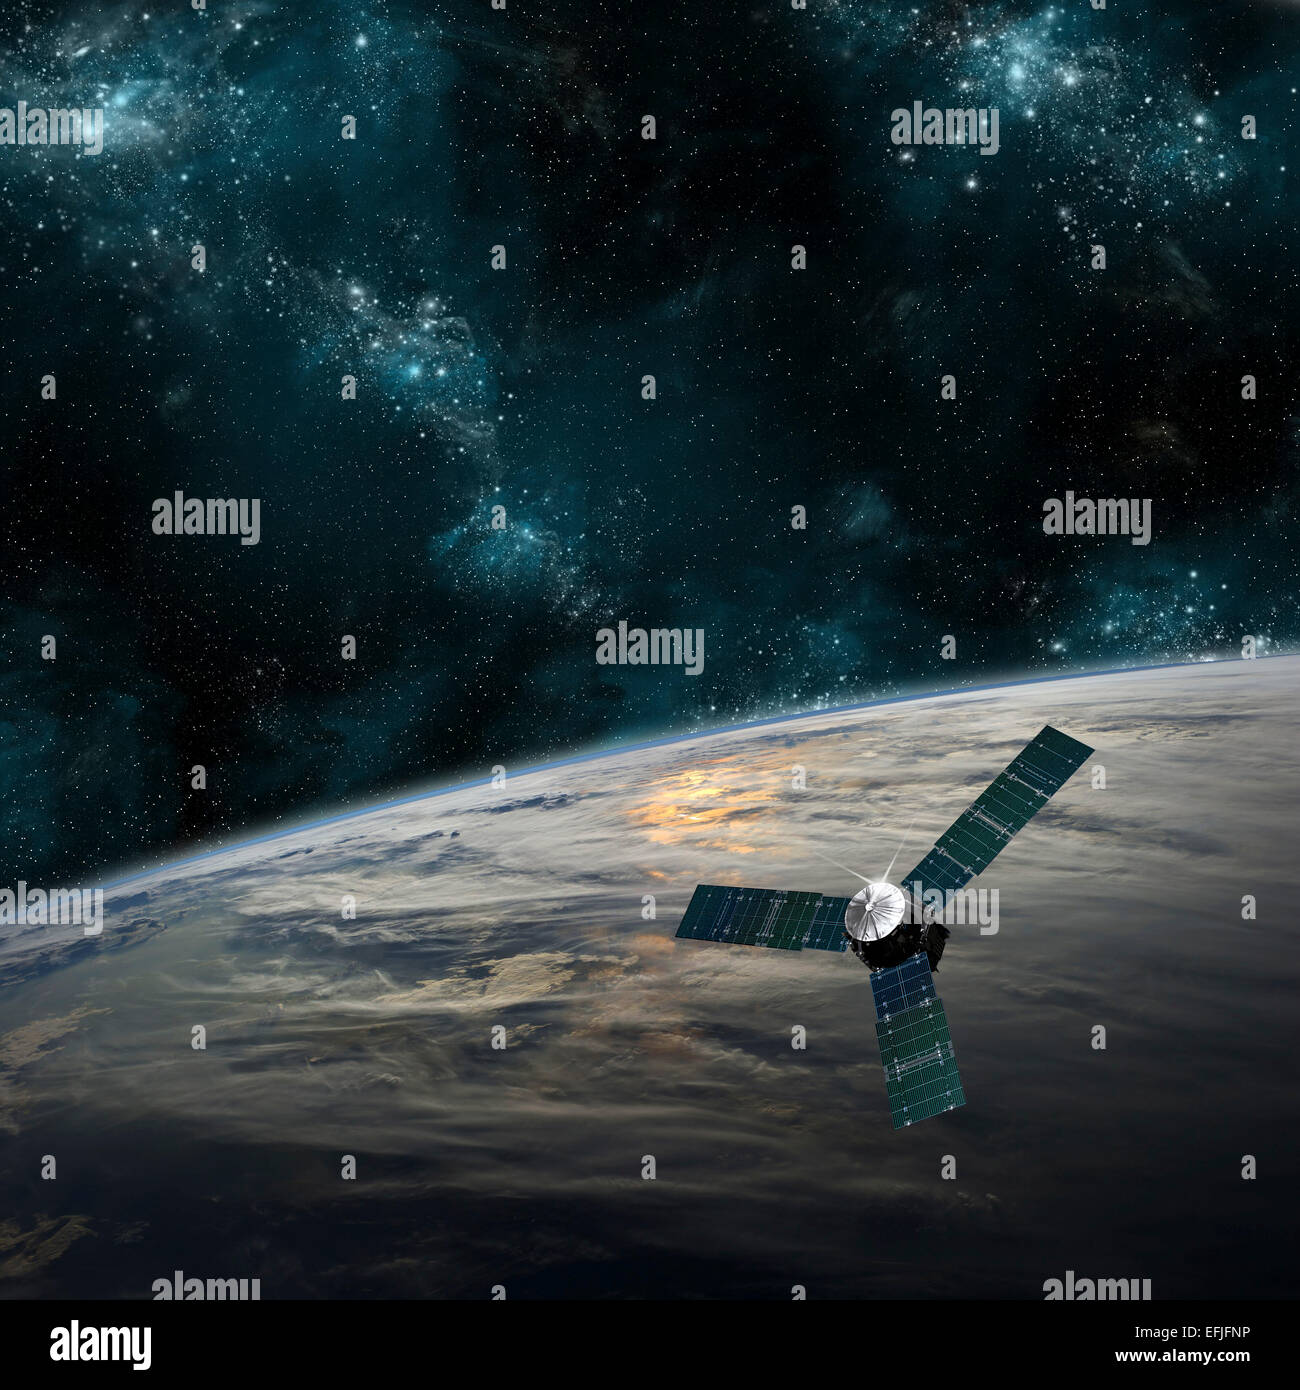 Una sonda spaziale indaga su una bella nuvola coprì pianeta nello spazio esterno. Nuvole swirl oltre la superficie Immagini Stock